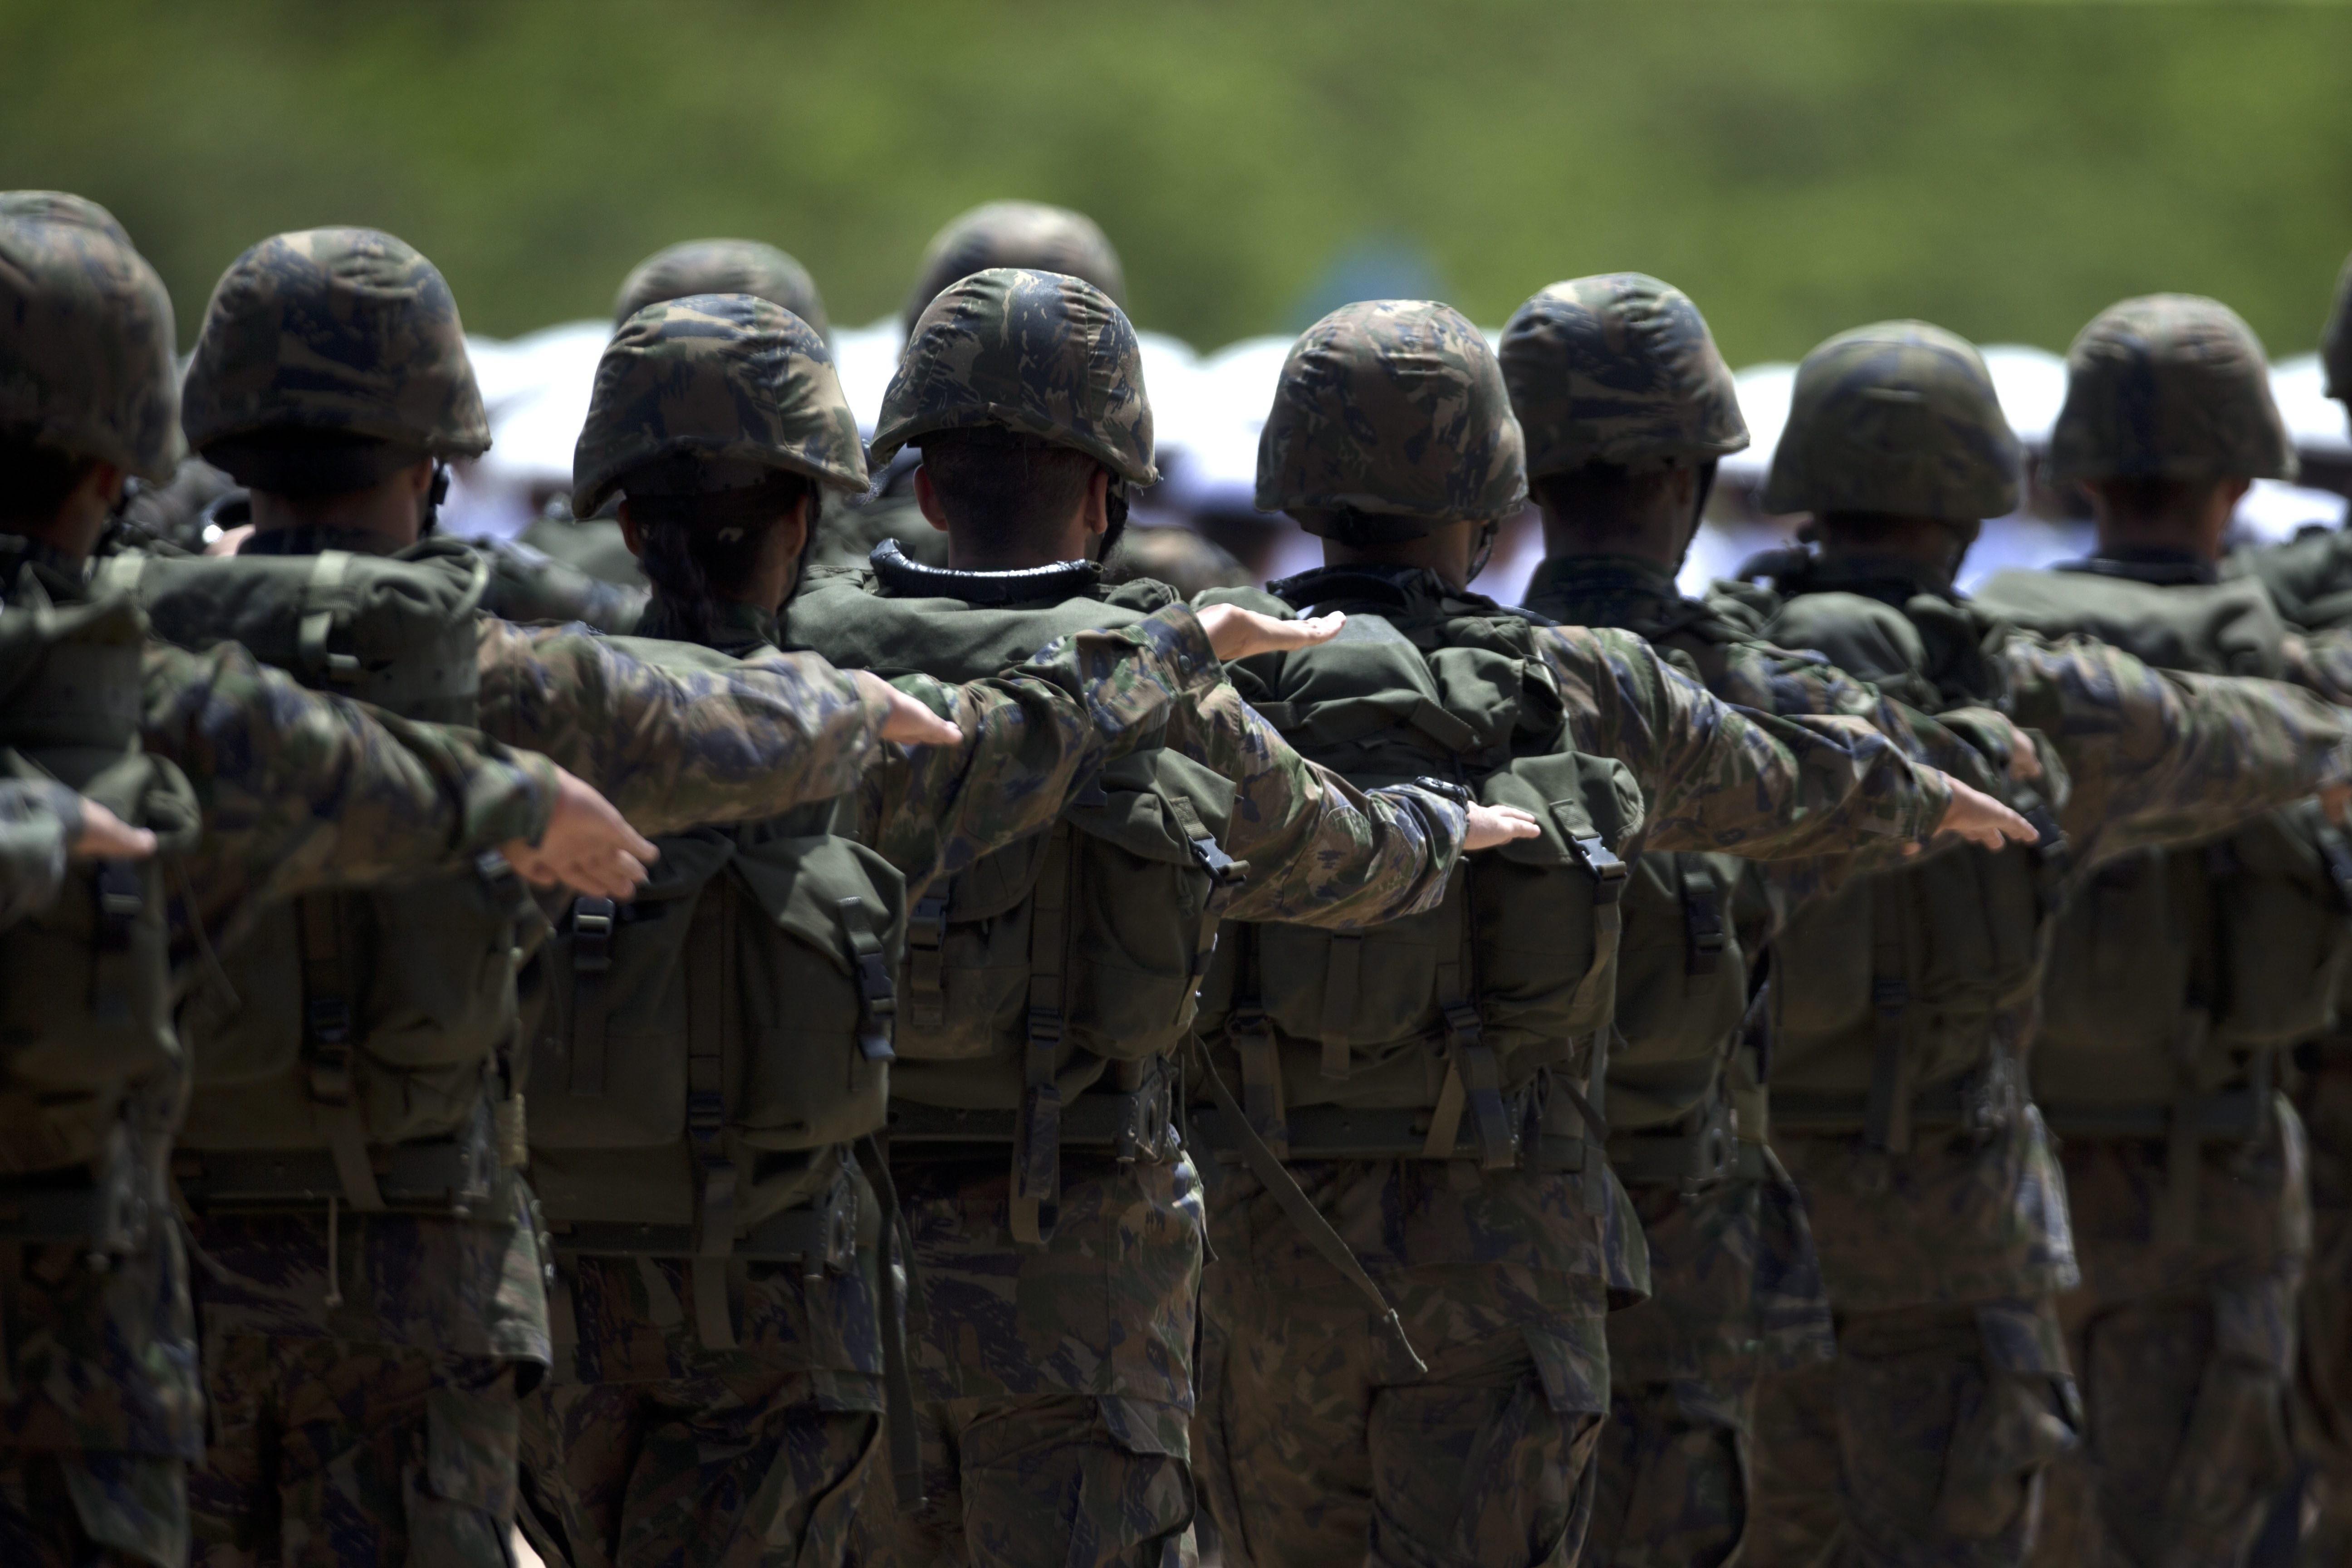 Forças Armadas estão obrigadas a incluir transgêneros